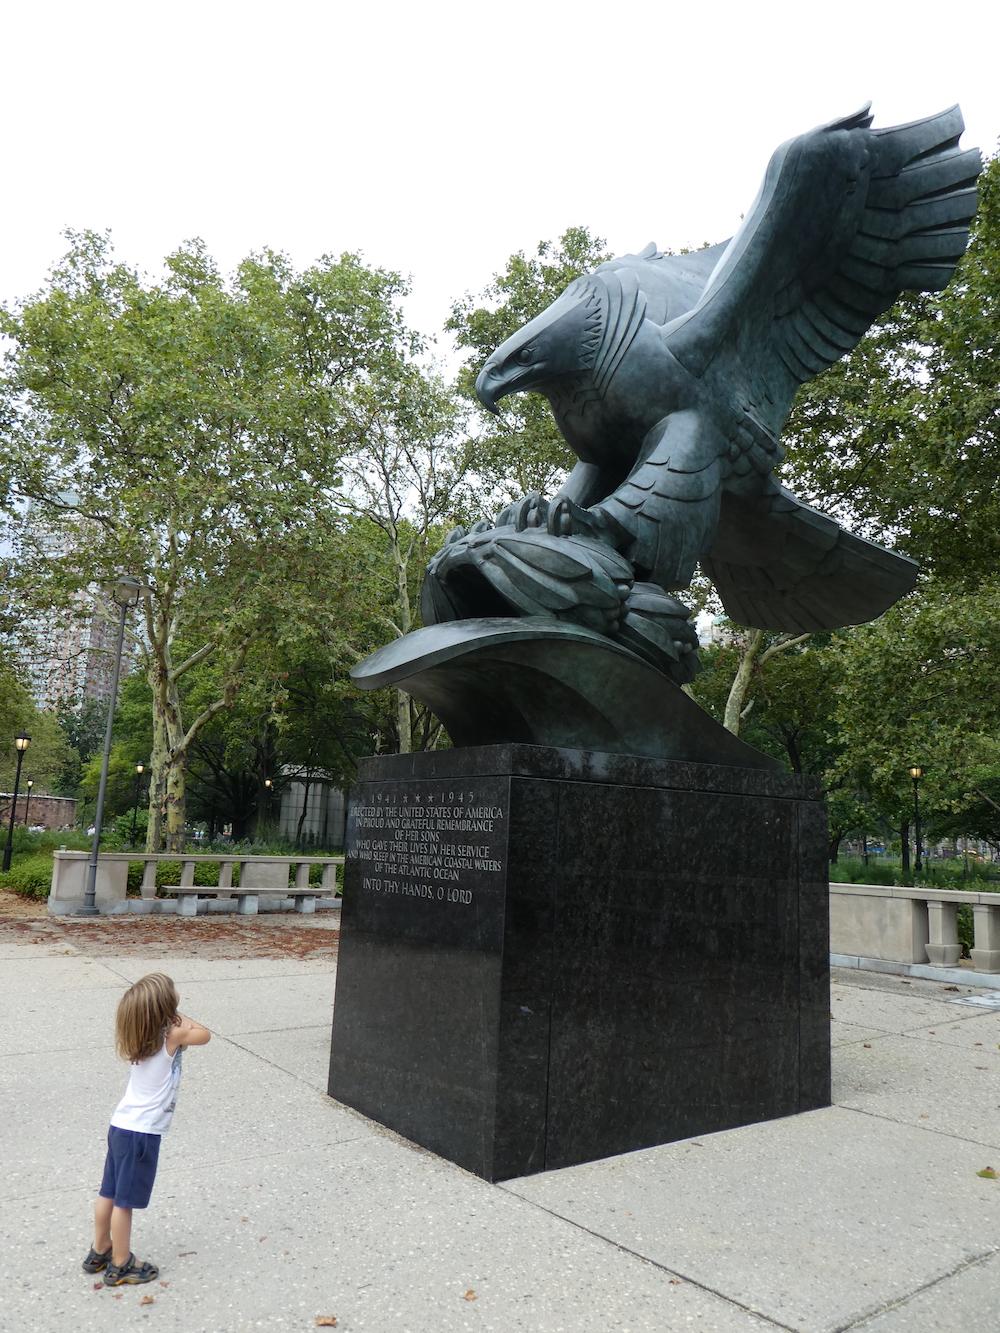 Doen in New York met kinderen - Battery Park